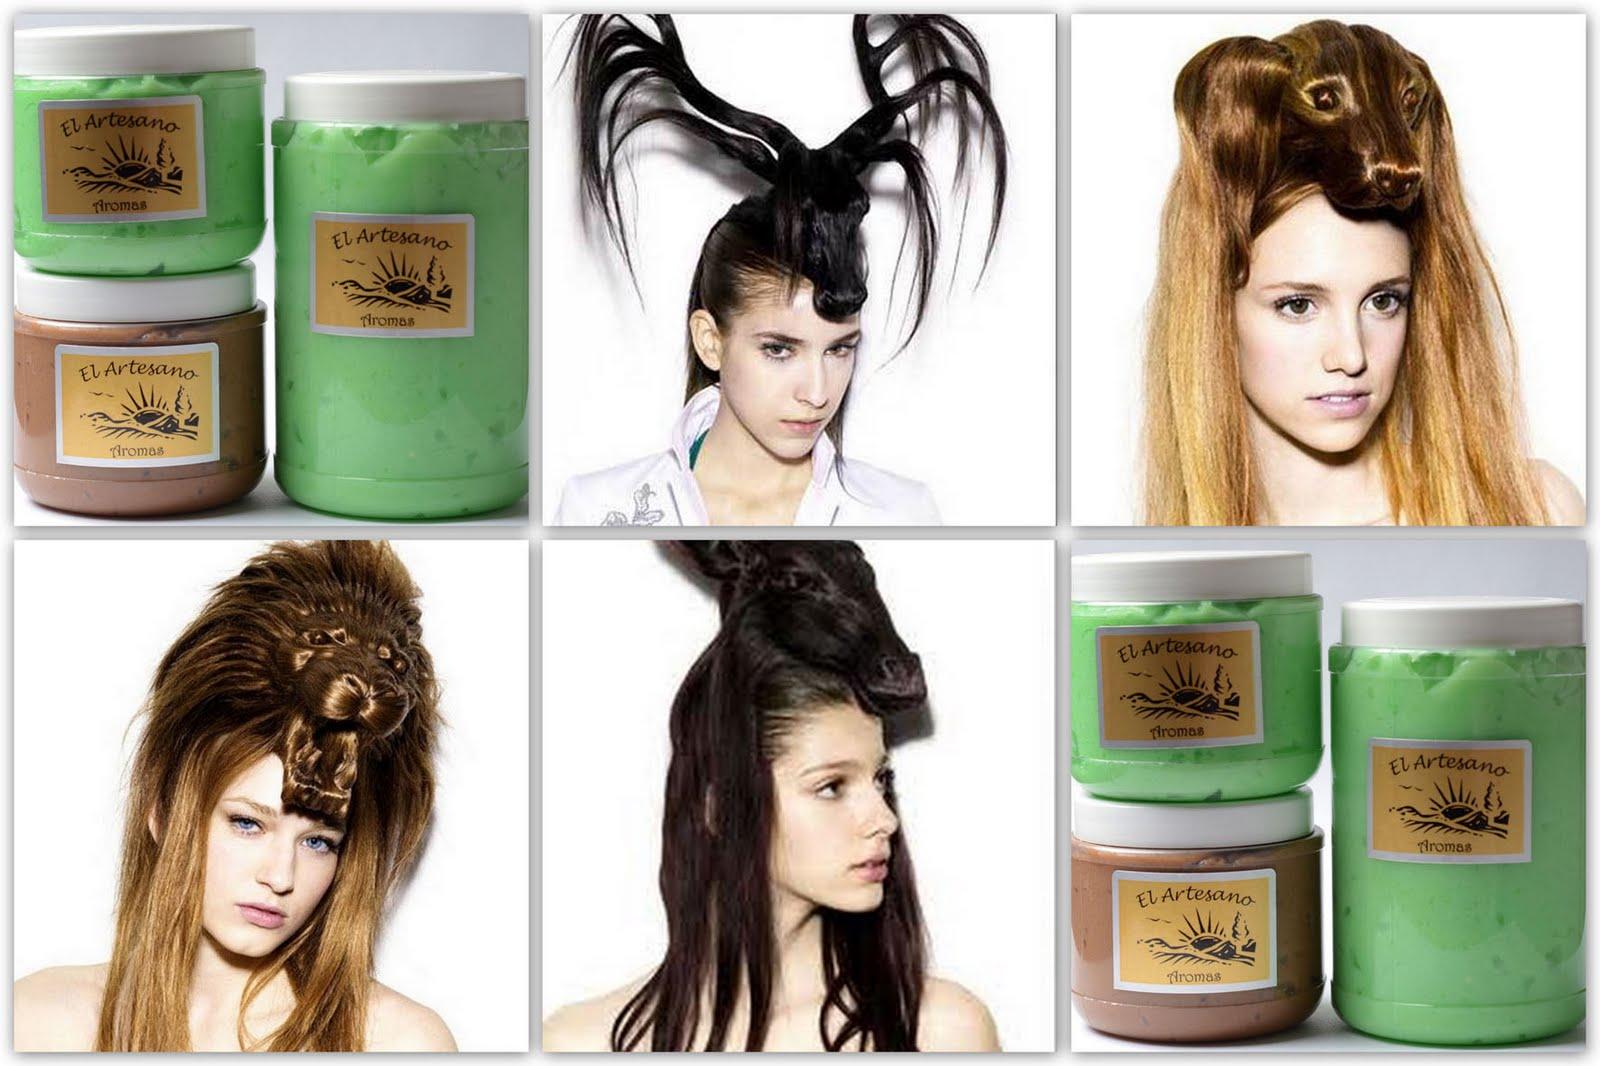 Baños Linea Infantil:El Artesano Aromas: Baños de crema para el cabello